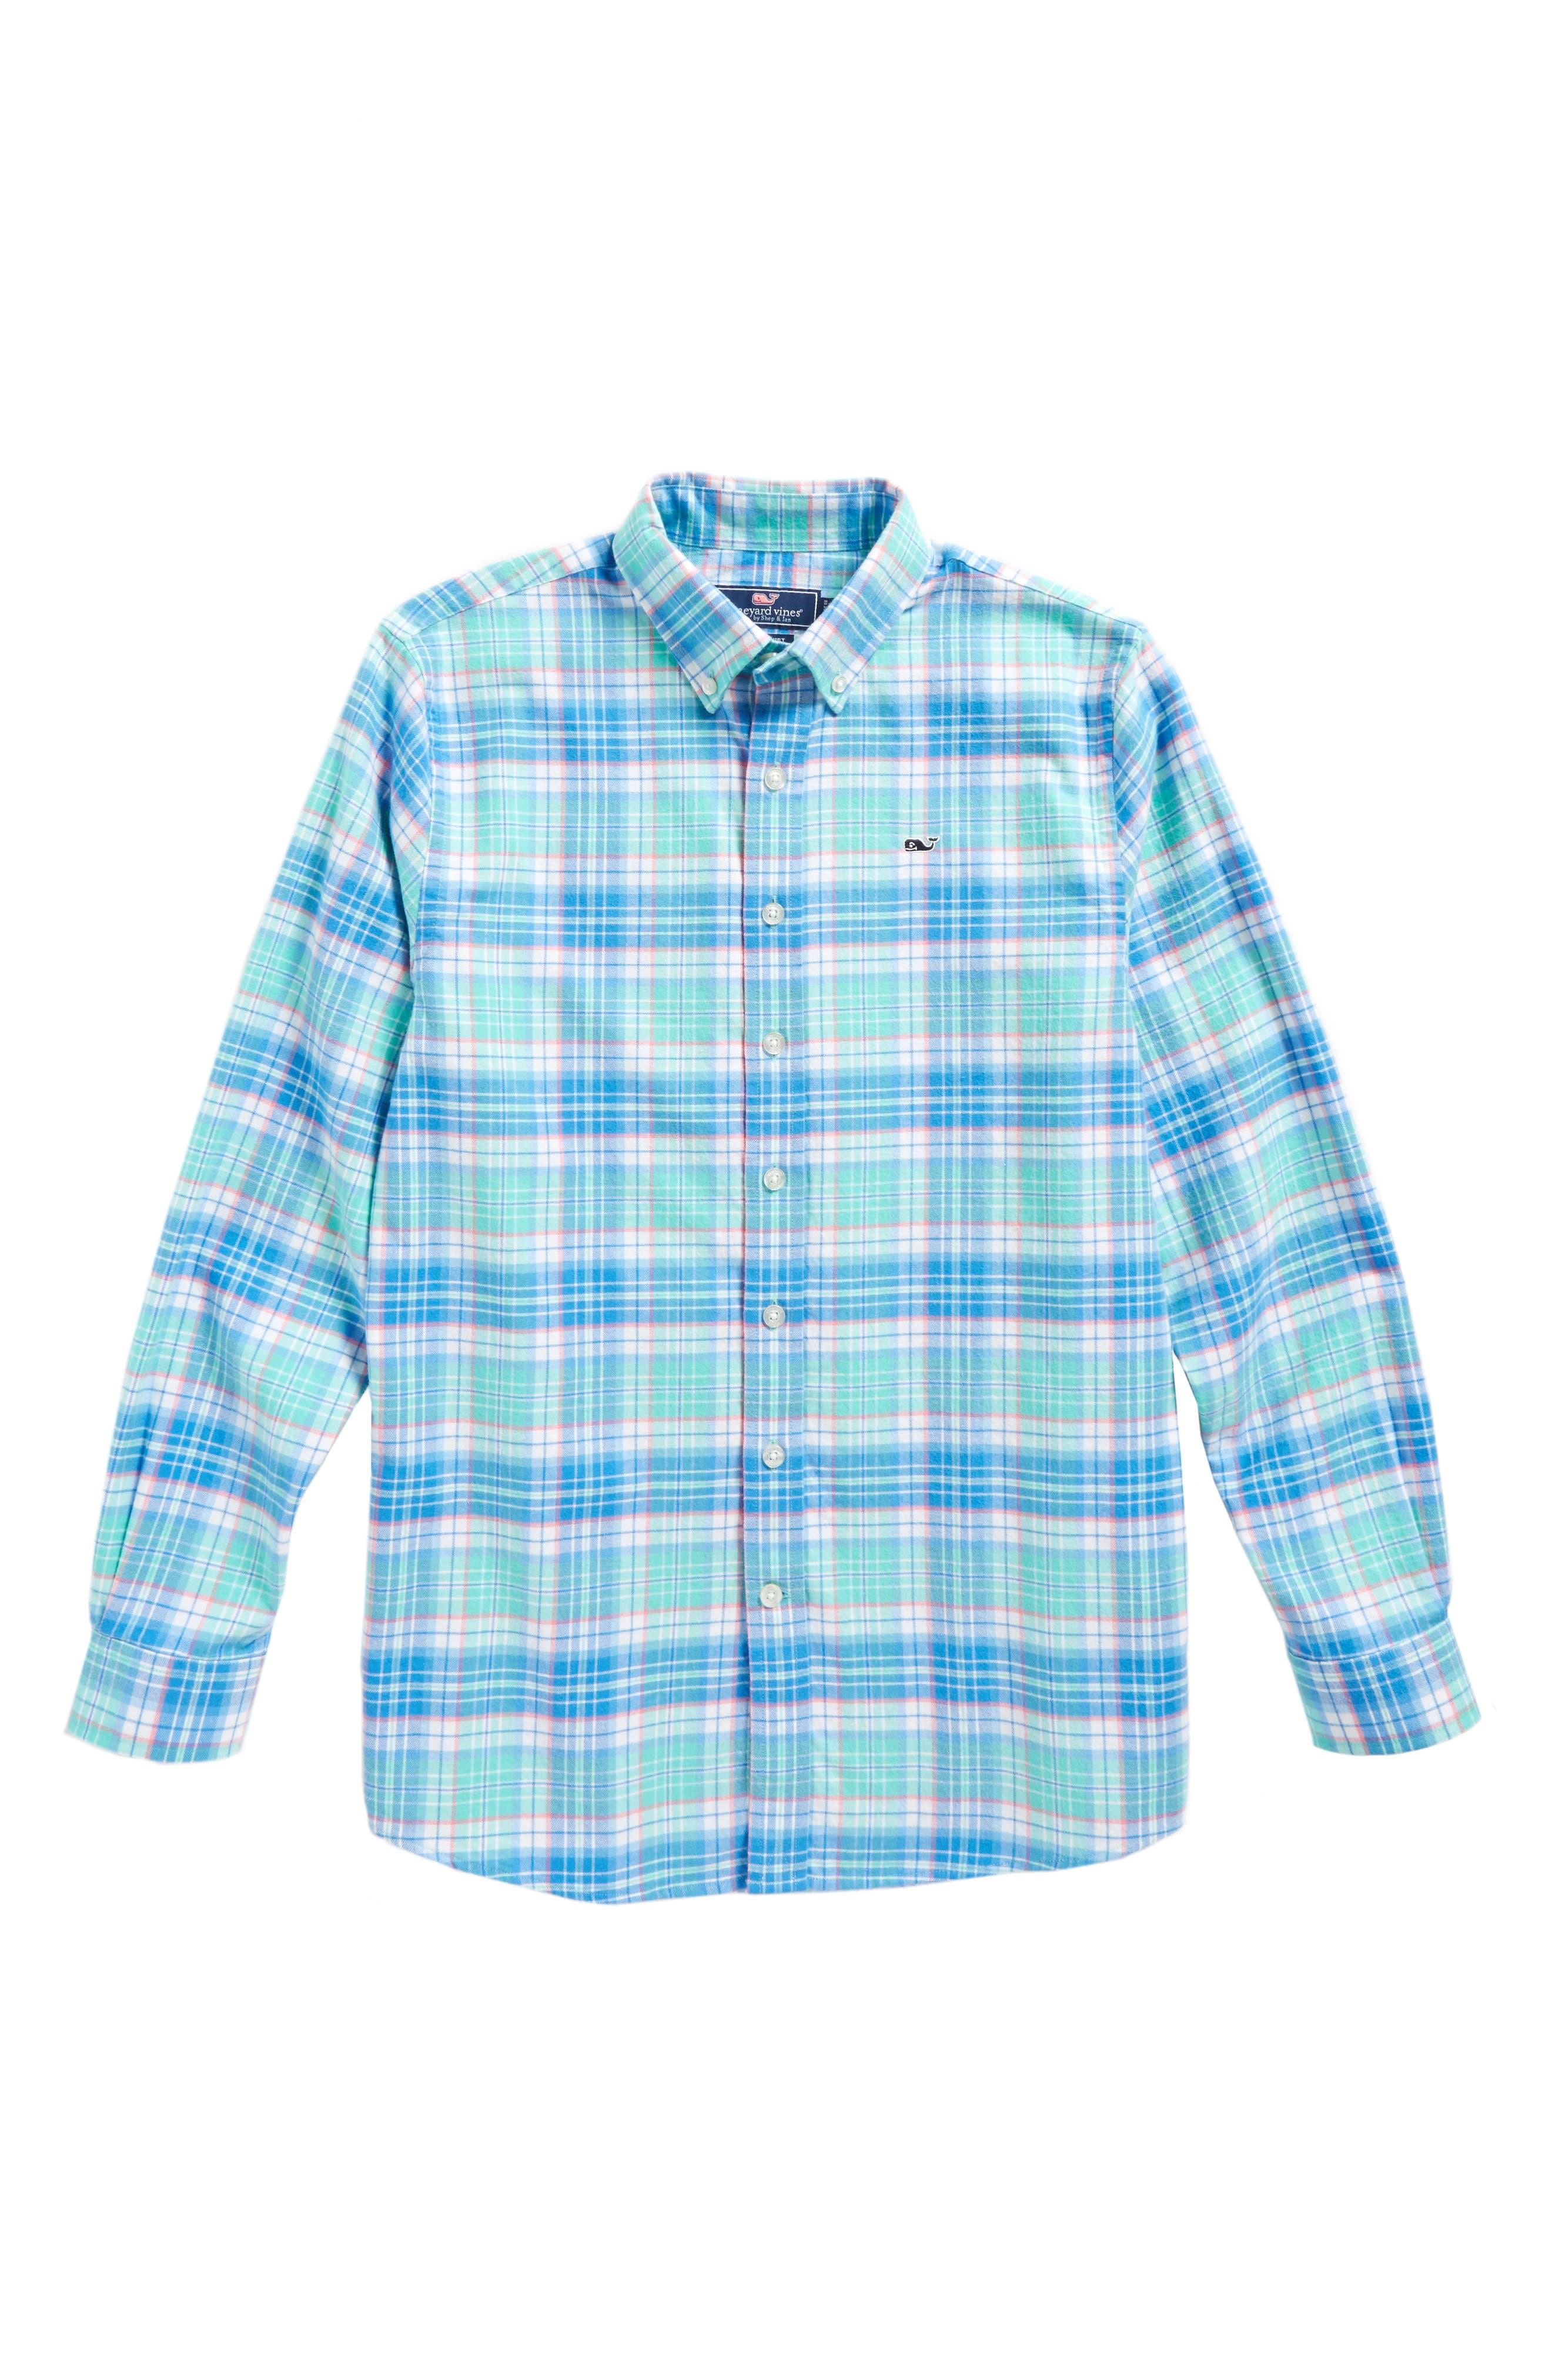 Sandspar Plaid Whale Flannel Shirt,                             Main thumbnail 1, color,                             Bahama Breeze